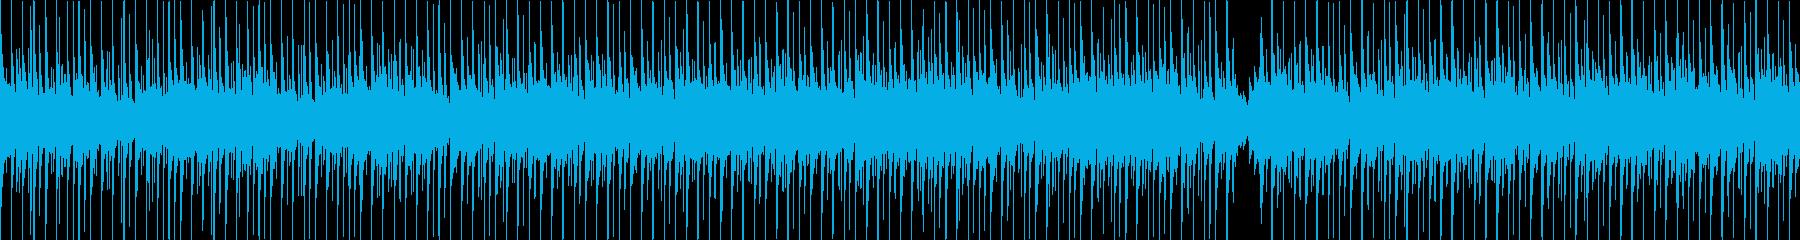 ティーン アンビエント 民謡 アク...の再生済みの波形